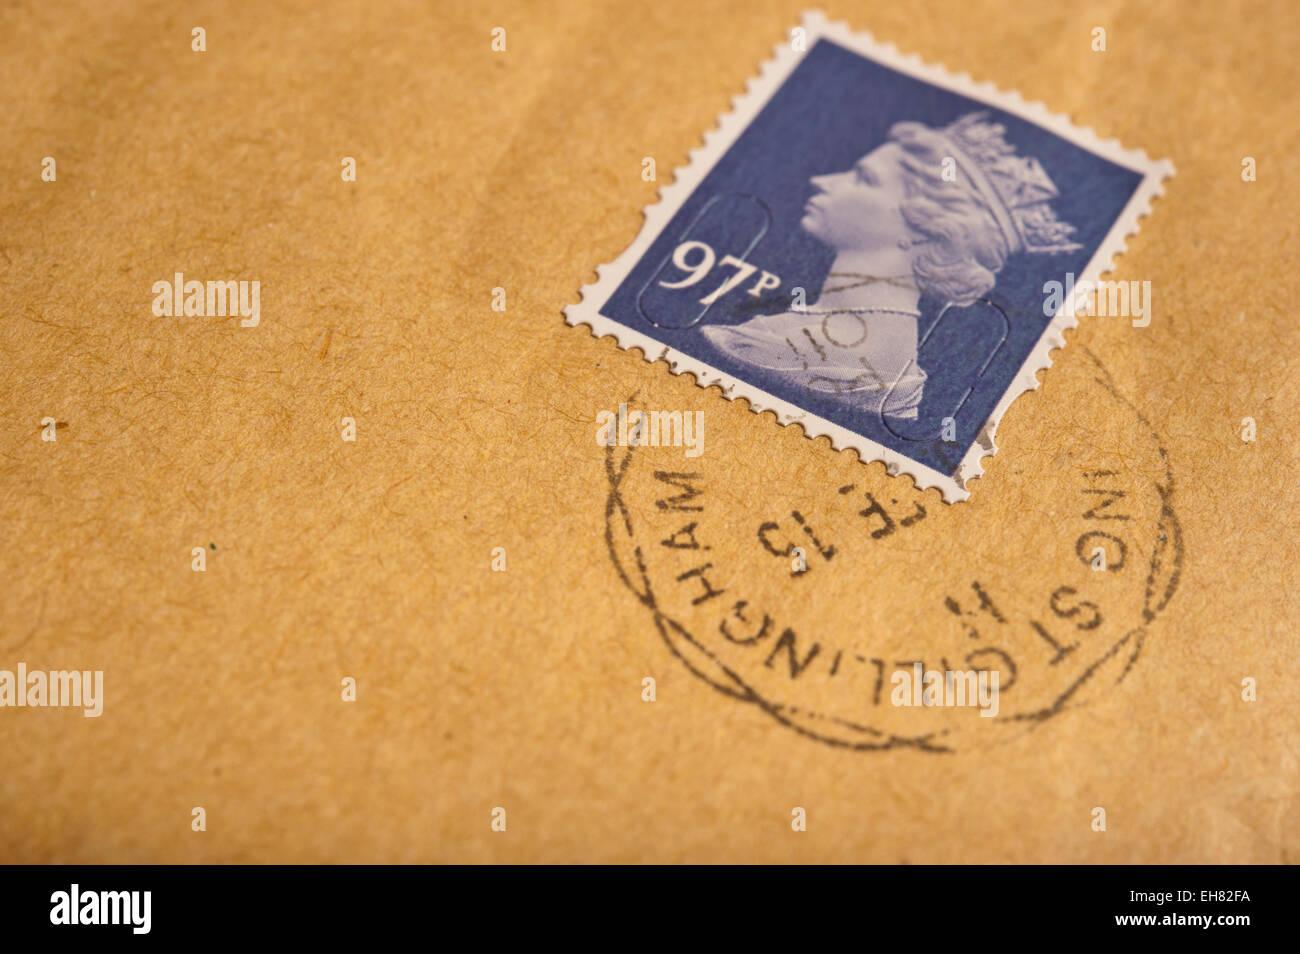 UK stamp on an envelope - Stock Image